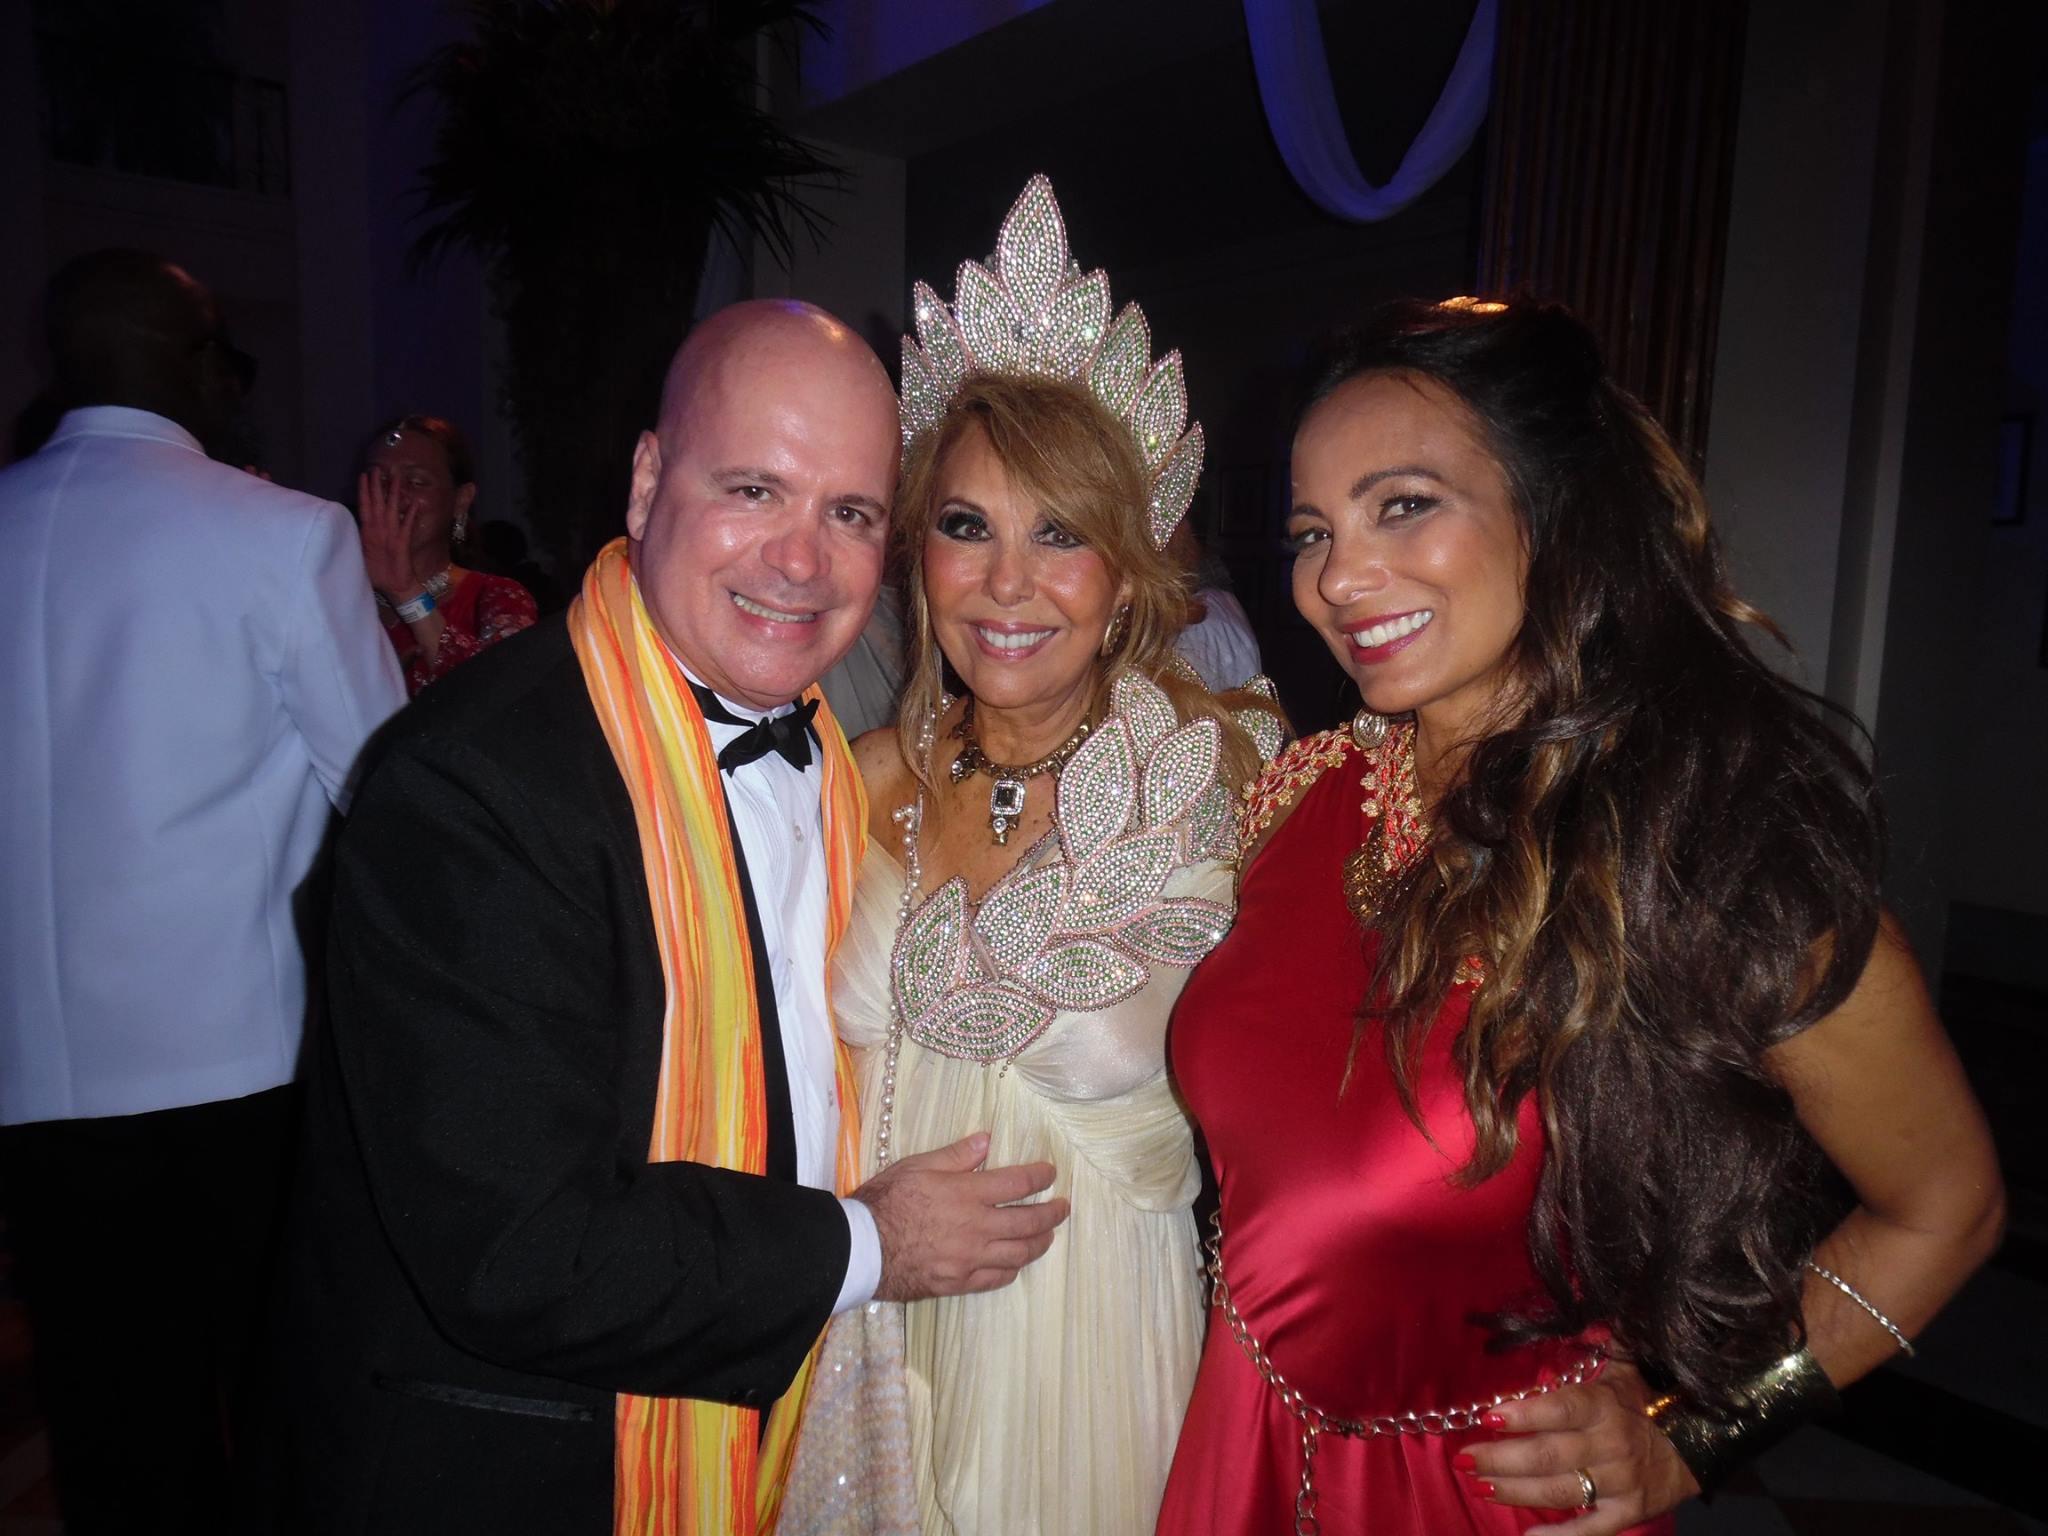 Eder Meneghine, Terezinha Sodré e Marcia Romão